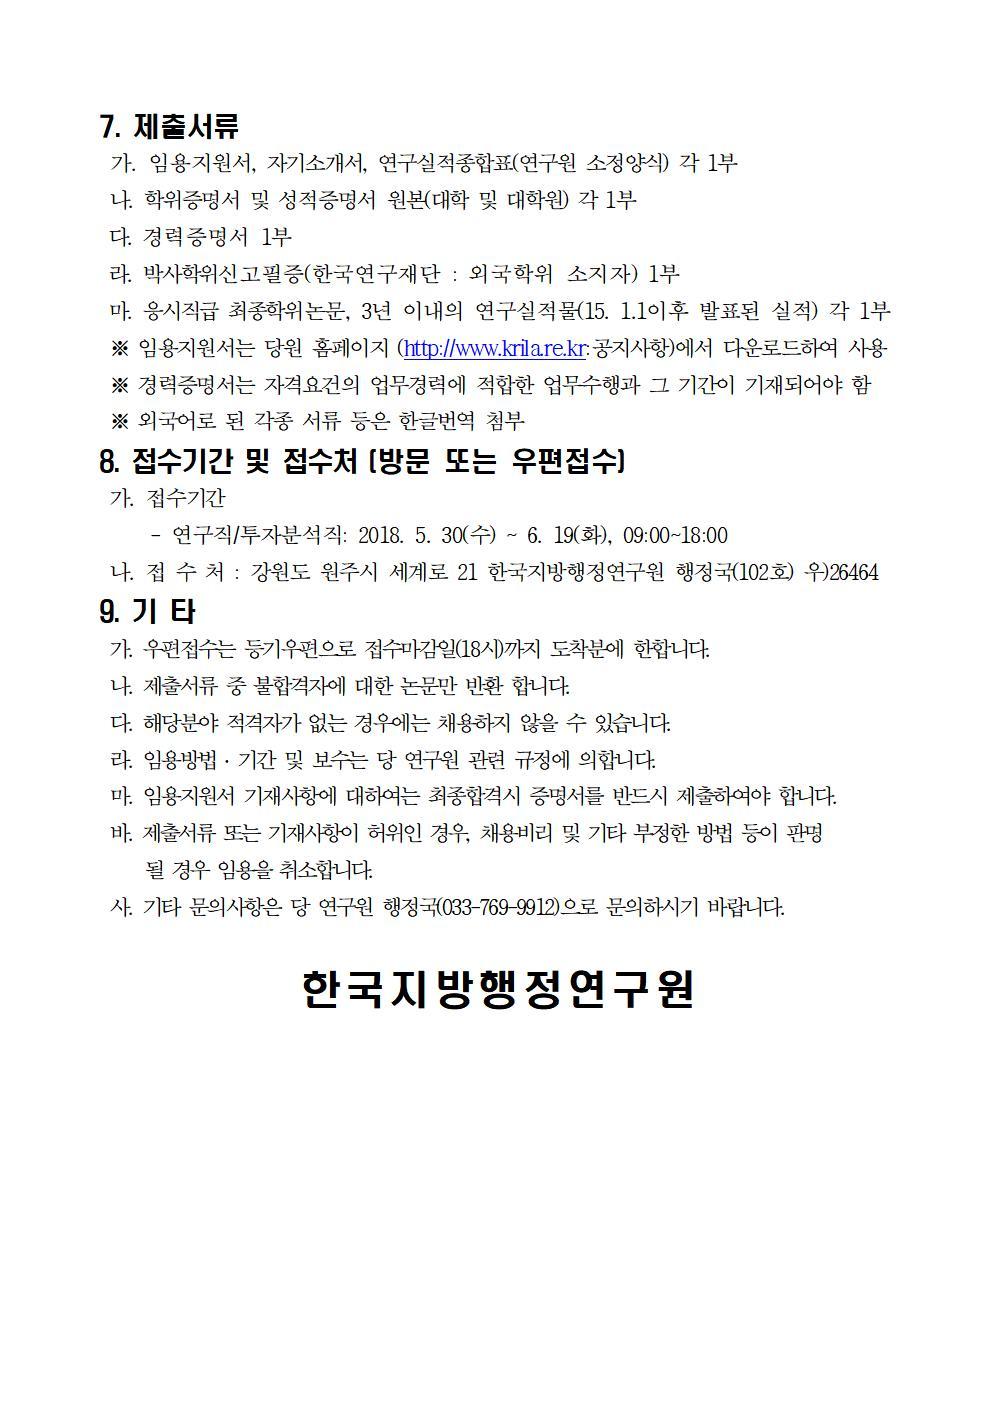 직원 채용 계획(공고문)수정003.jpg